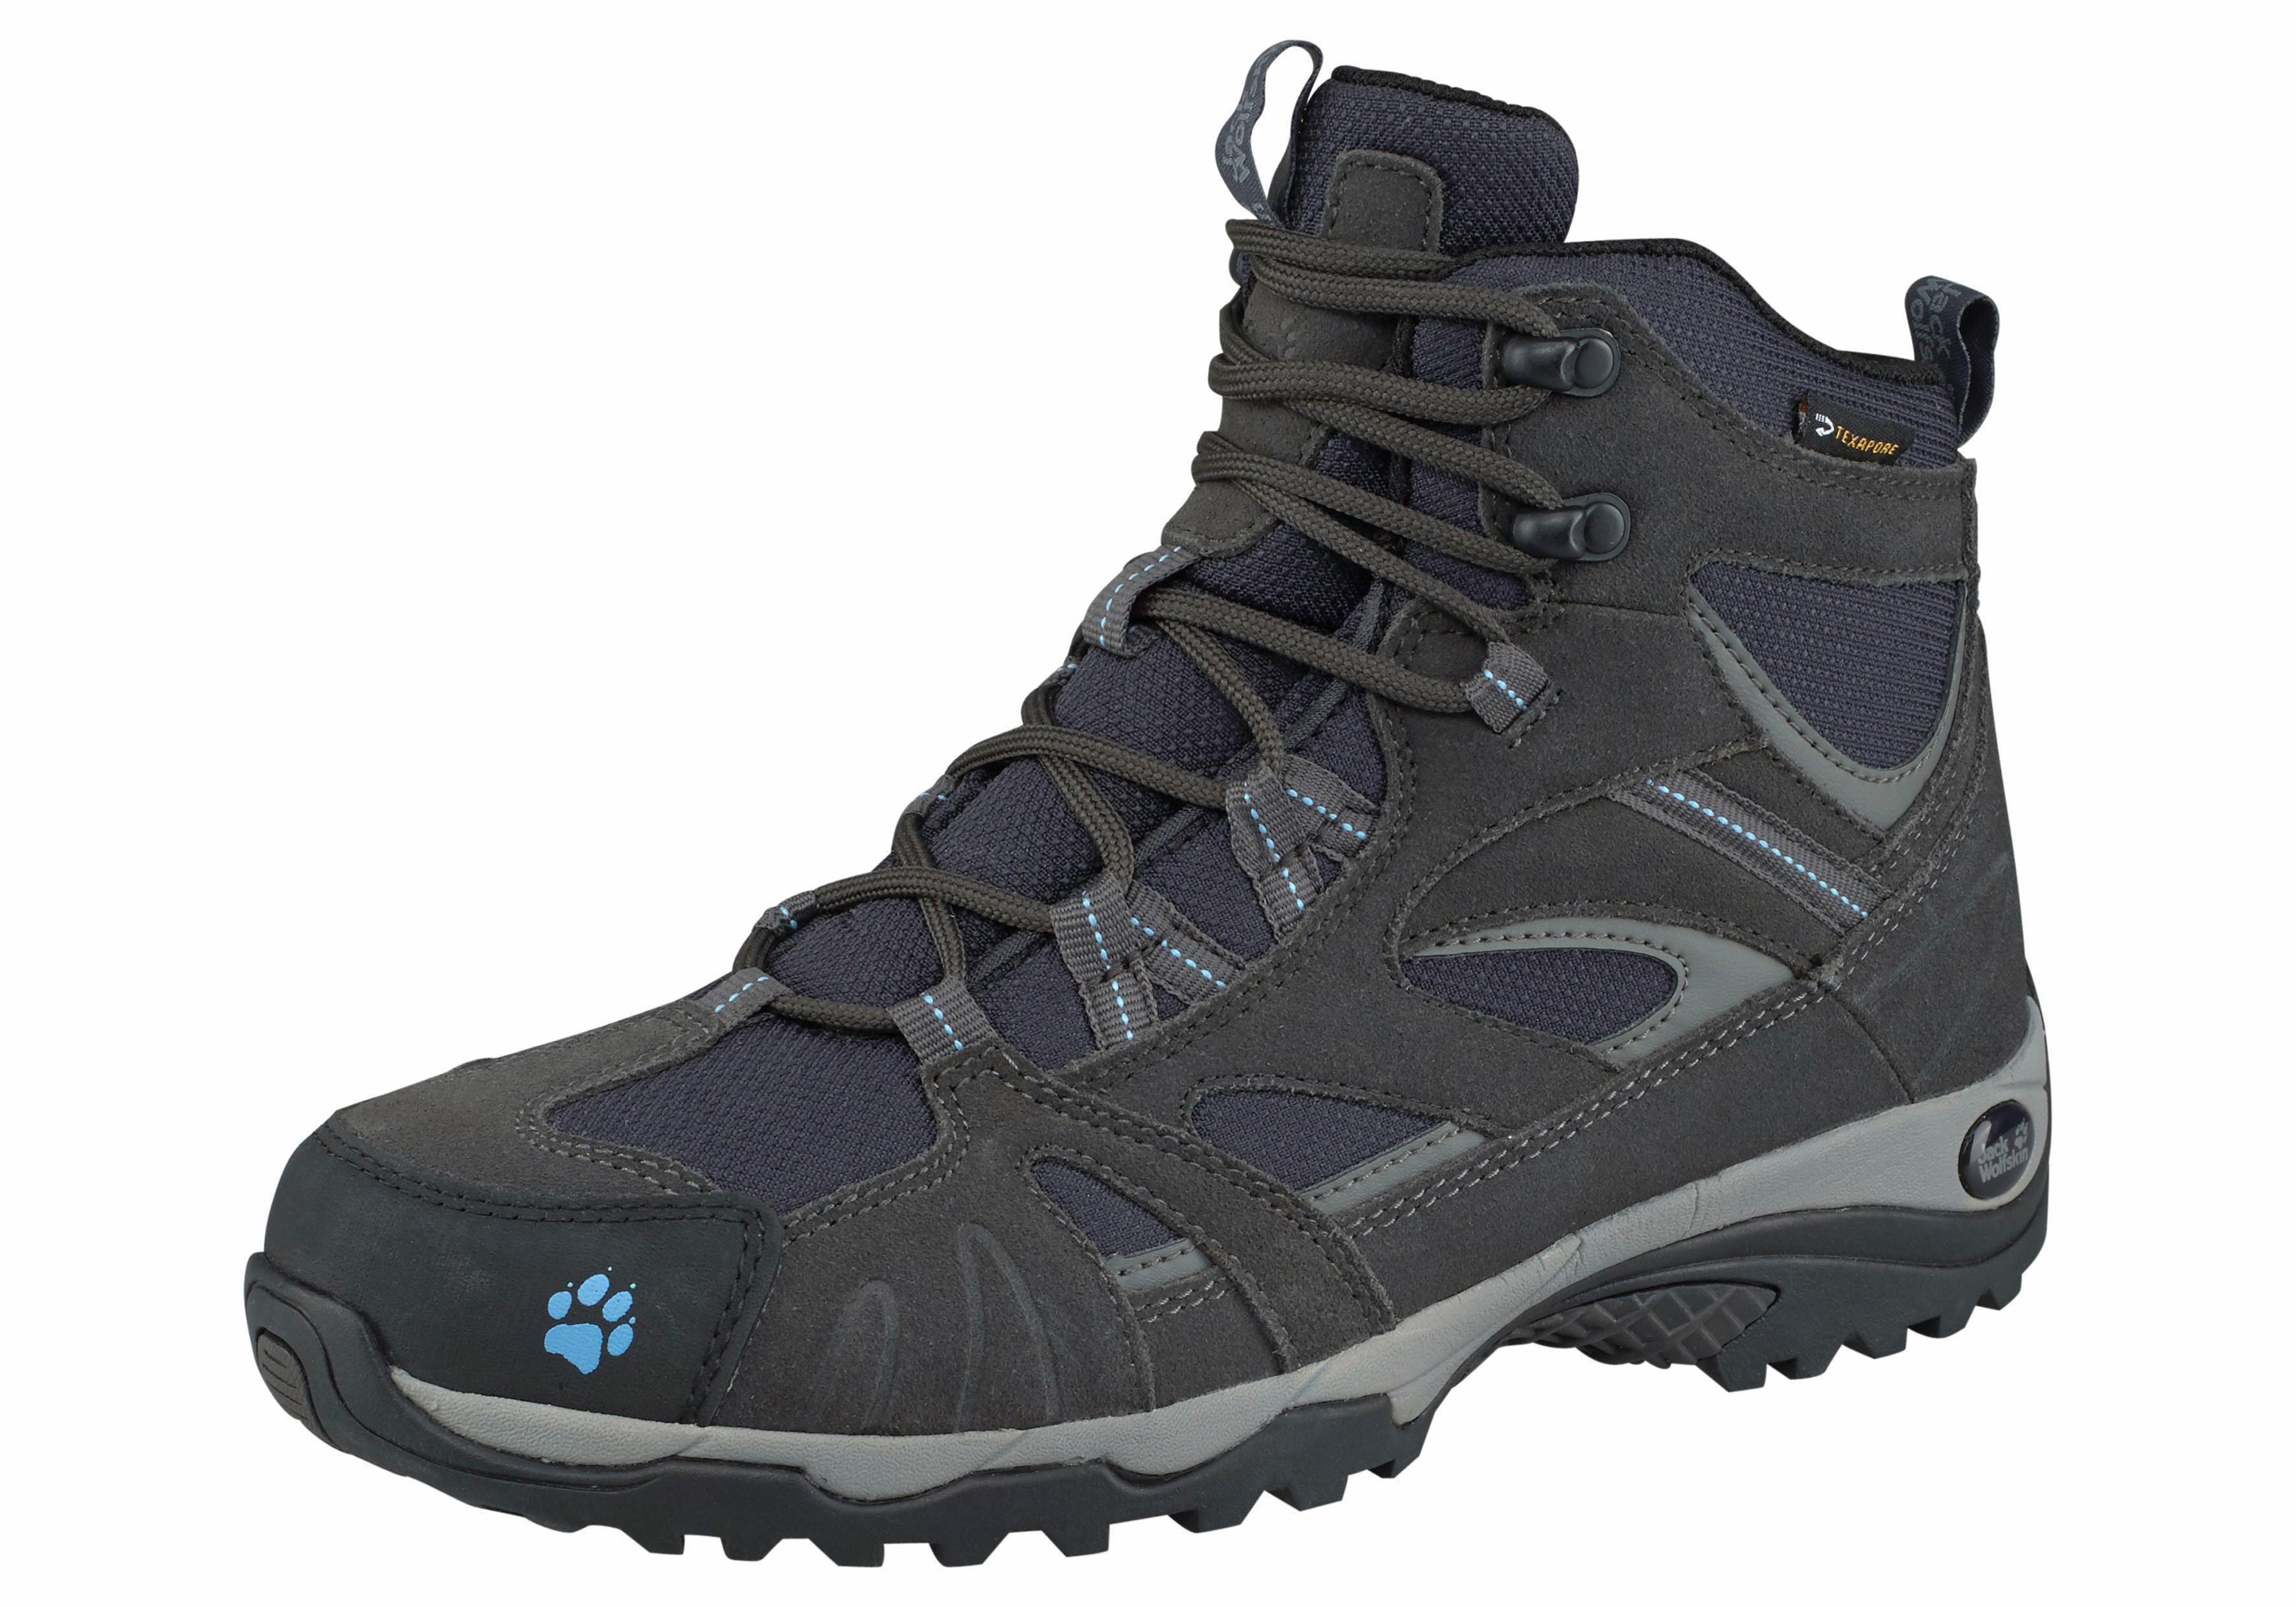 Jack Wolfskin Vojo Hike Texapore Mid Outdoorschuh online kaufen  dunkelgrau-blau